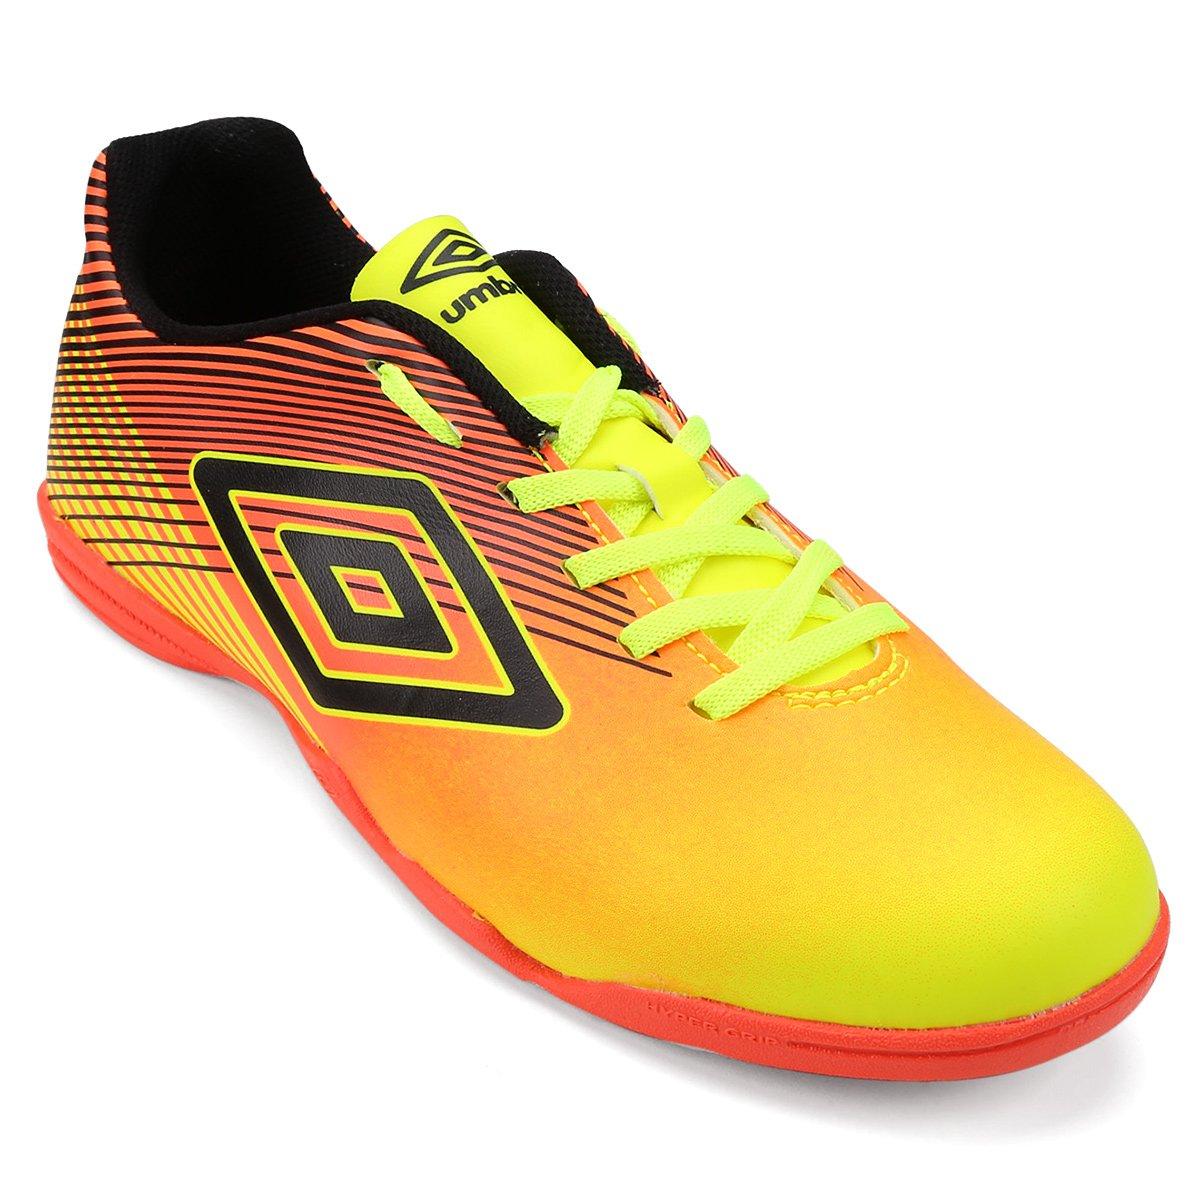 a0d57149493c2 Chuteira Futsal Umbro Slice 3 Masculina | Loja da Chape